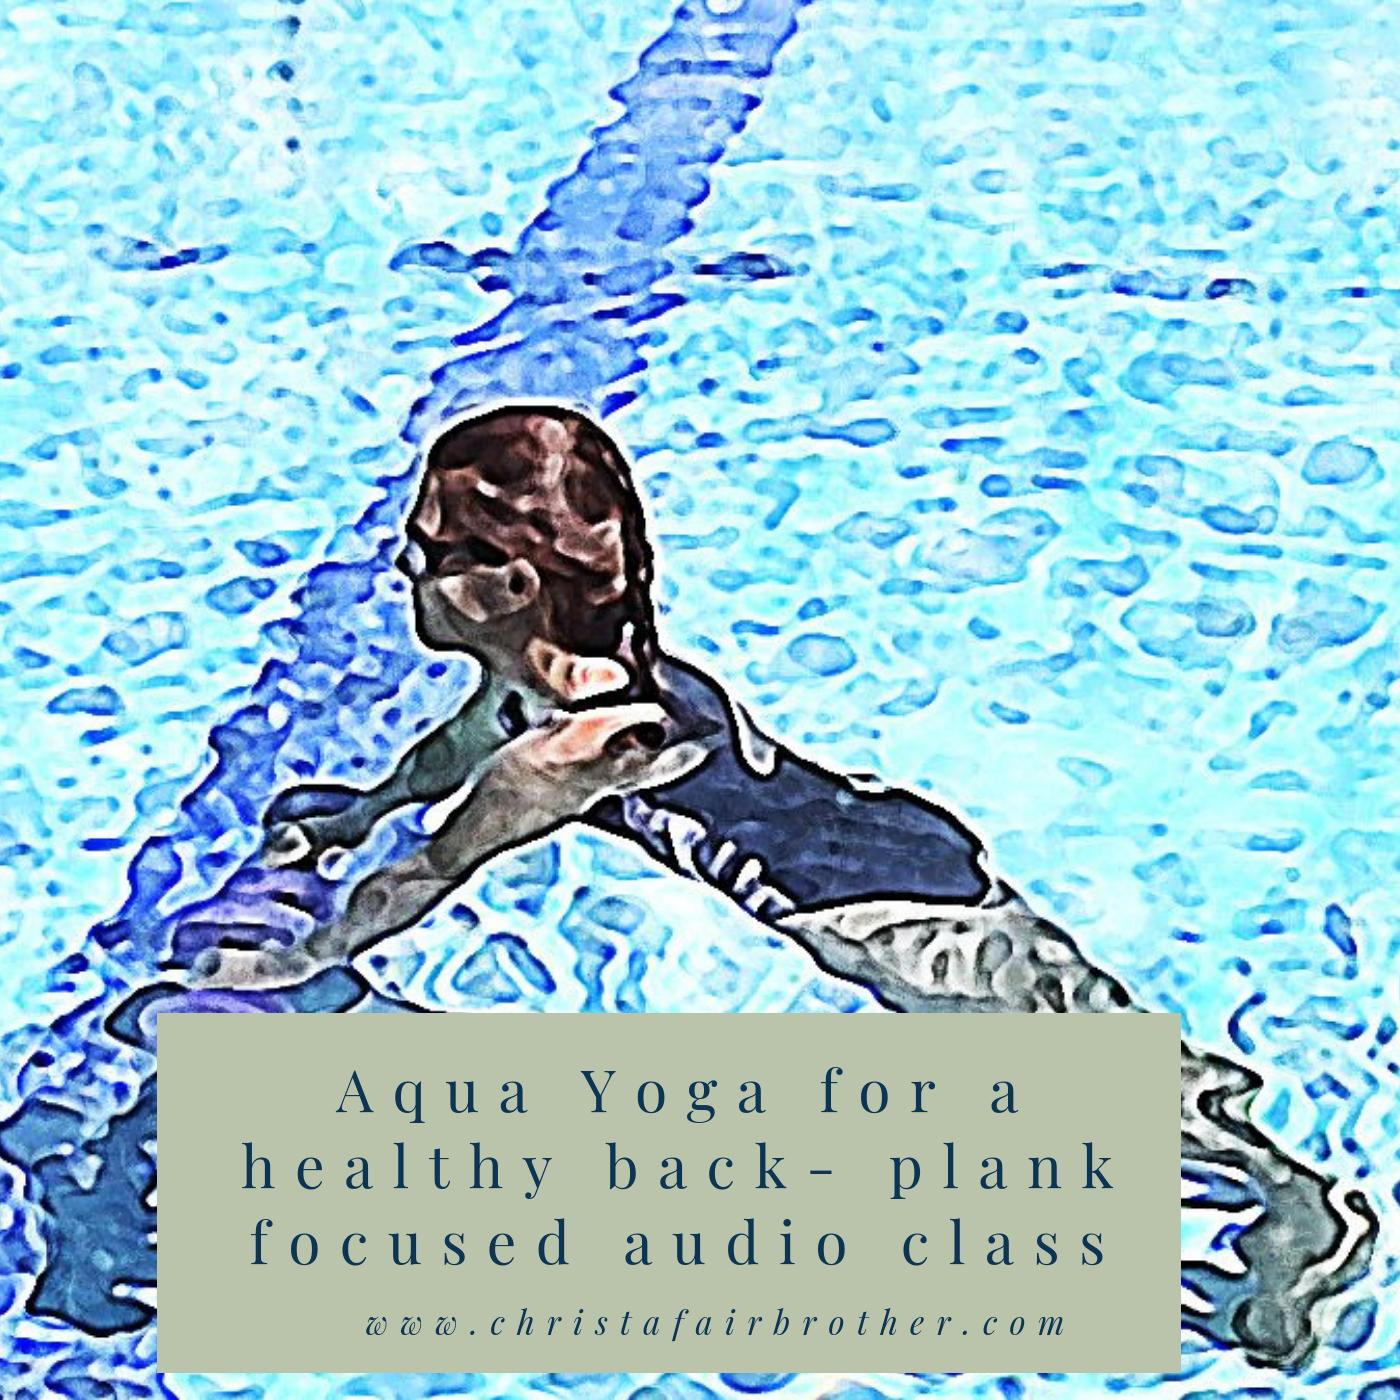 Aqua Yoga Audio Recording - Plank focused Sequence 00025